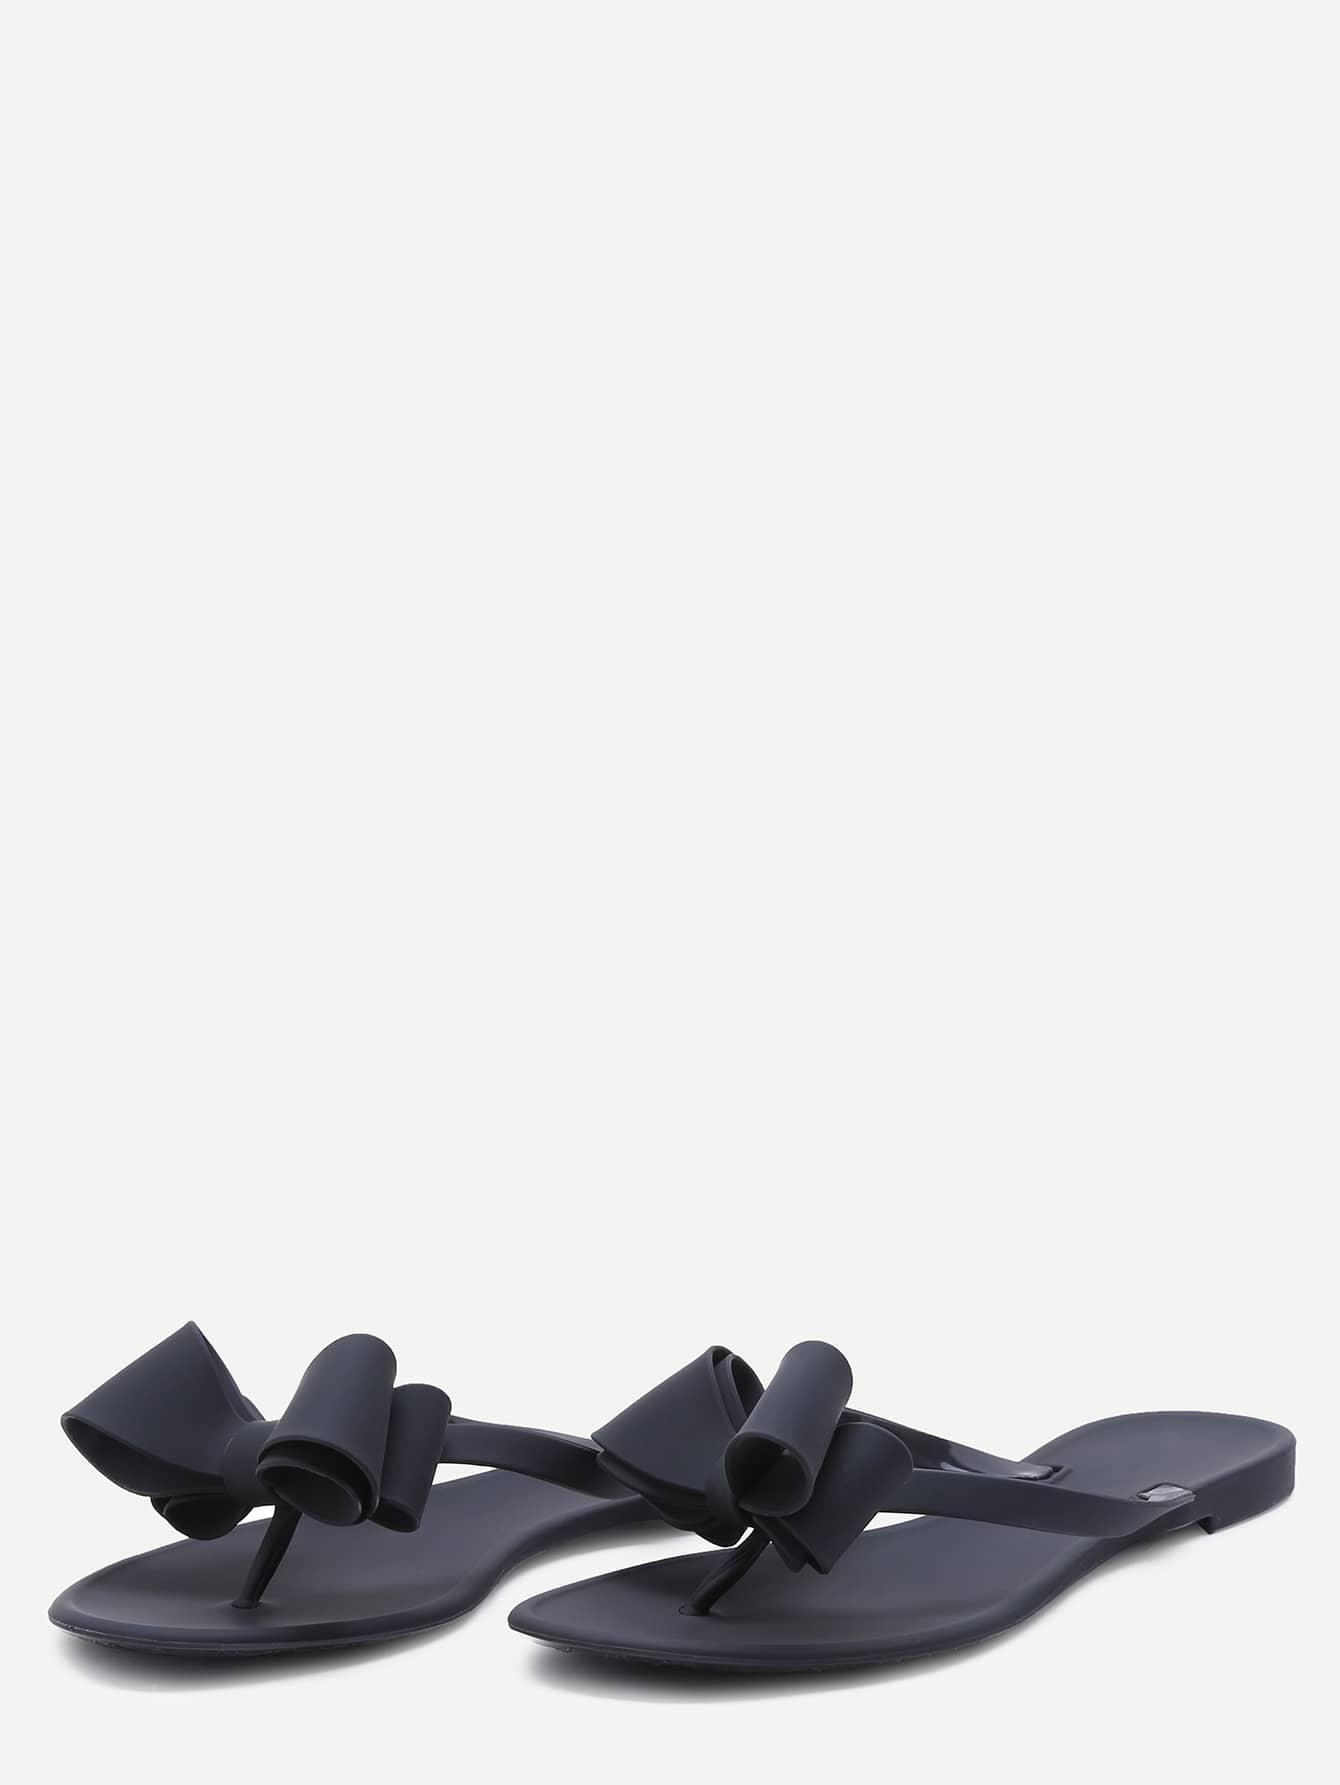 shoes170110806_2